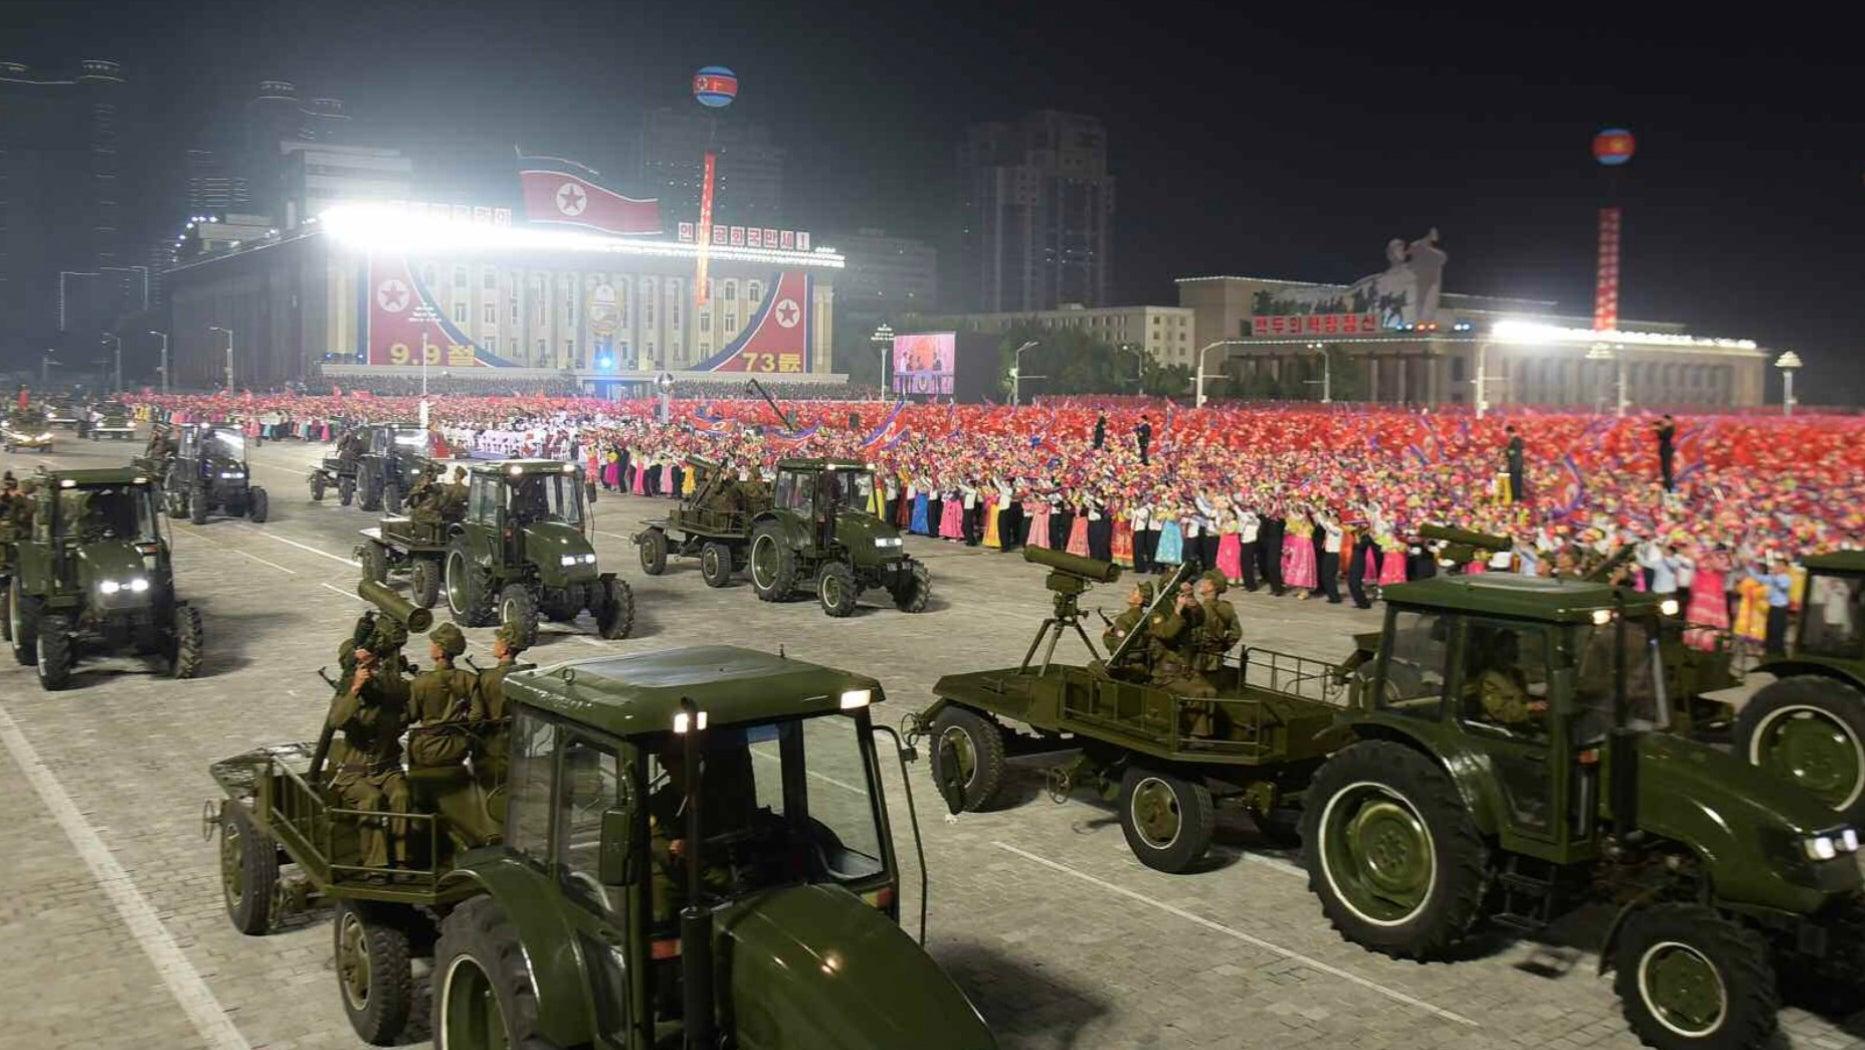 كوريا الشمالية تستبدل الصواريخ بالميليشيات في آخر استعراض لها  🚀